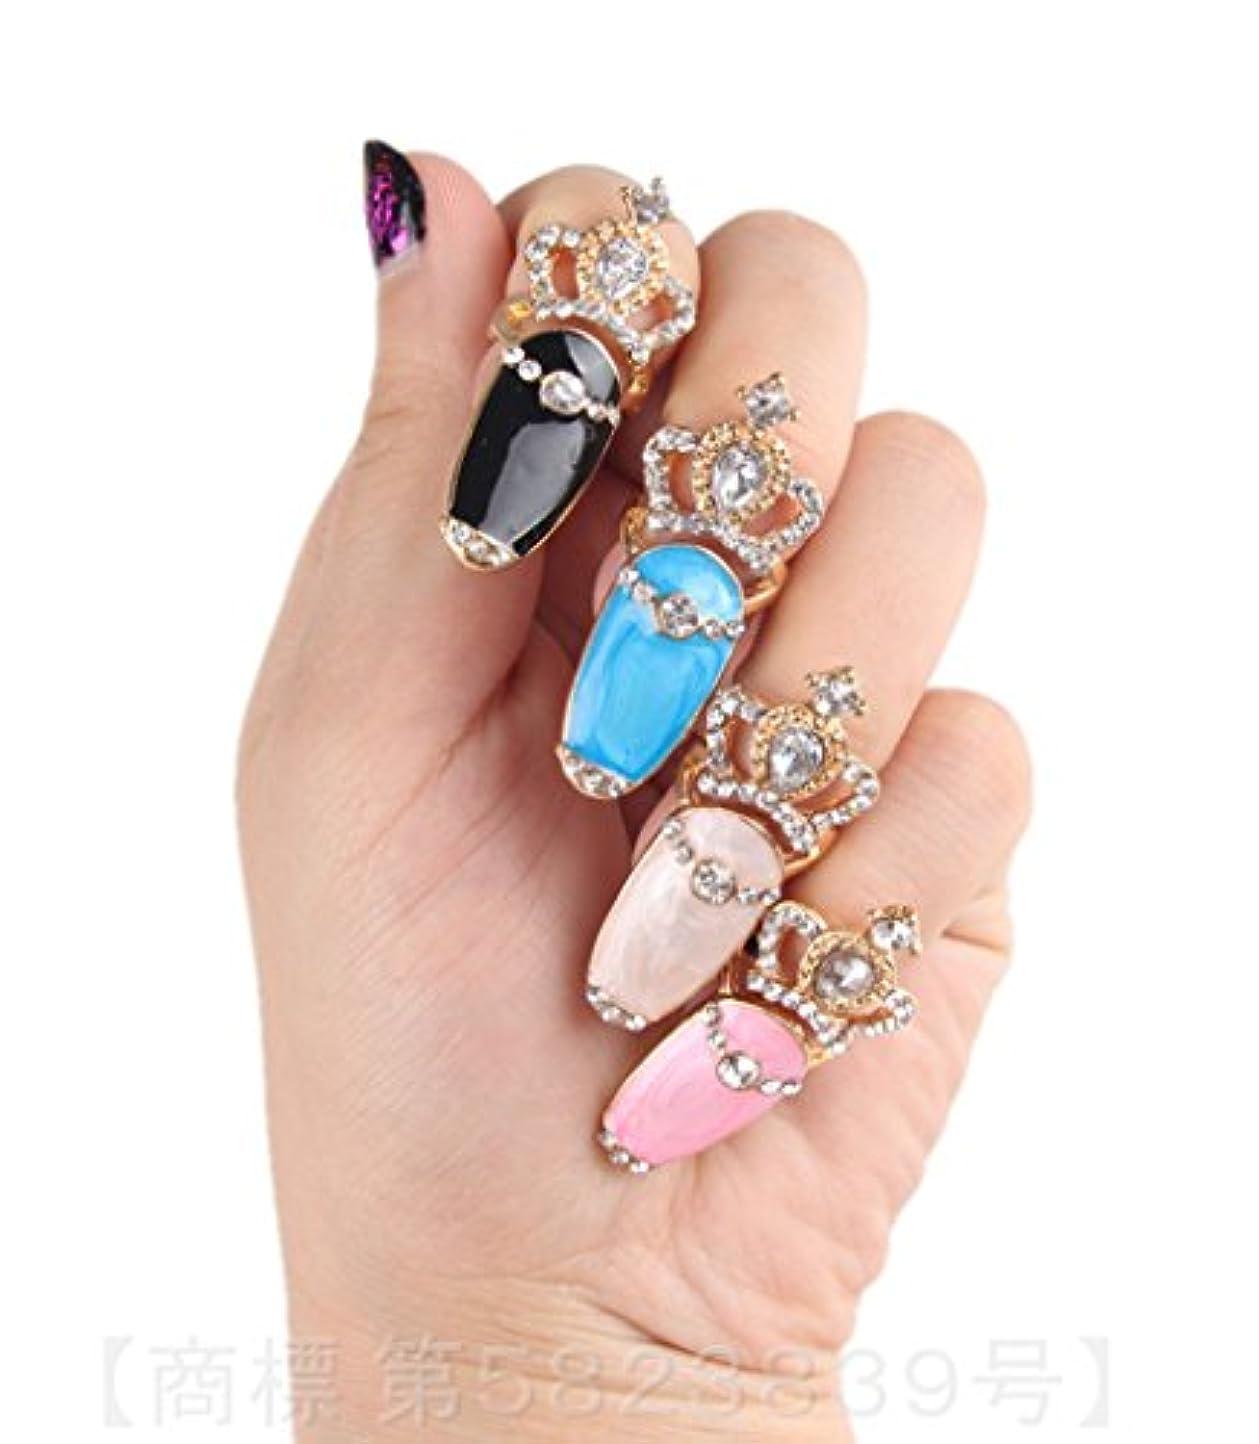 コード涙が出る結核Y&T キラキラ オシャレ ネイルリング ジュエリー 爪の指輪 ネイルチップ リング アクセサリー レディース ファッション X44 (ピンク)